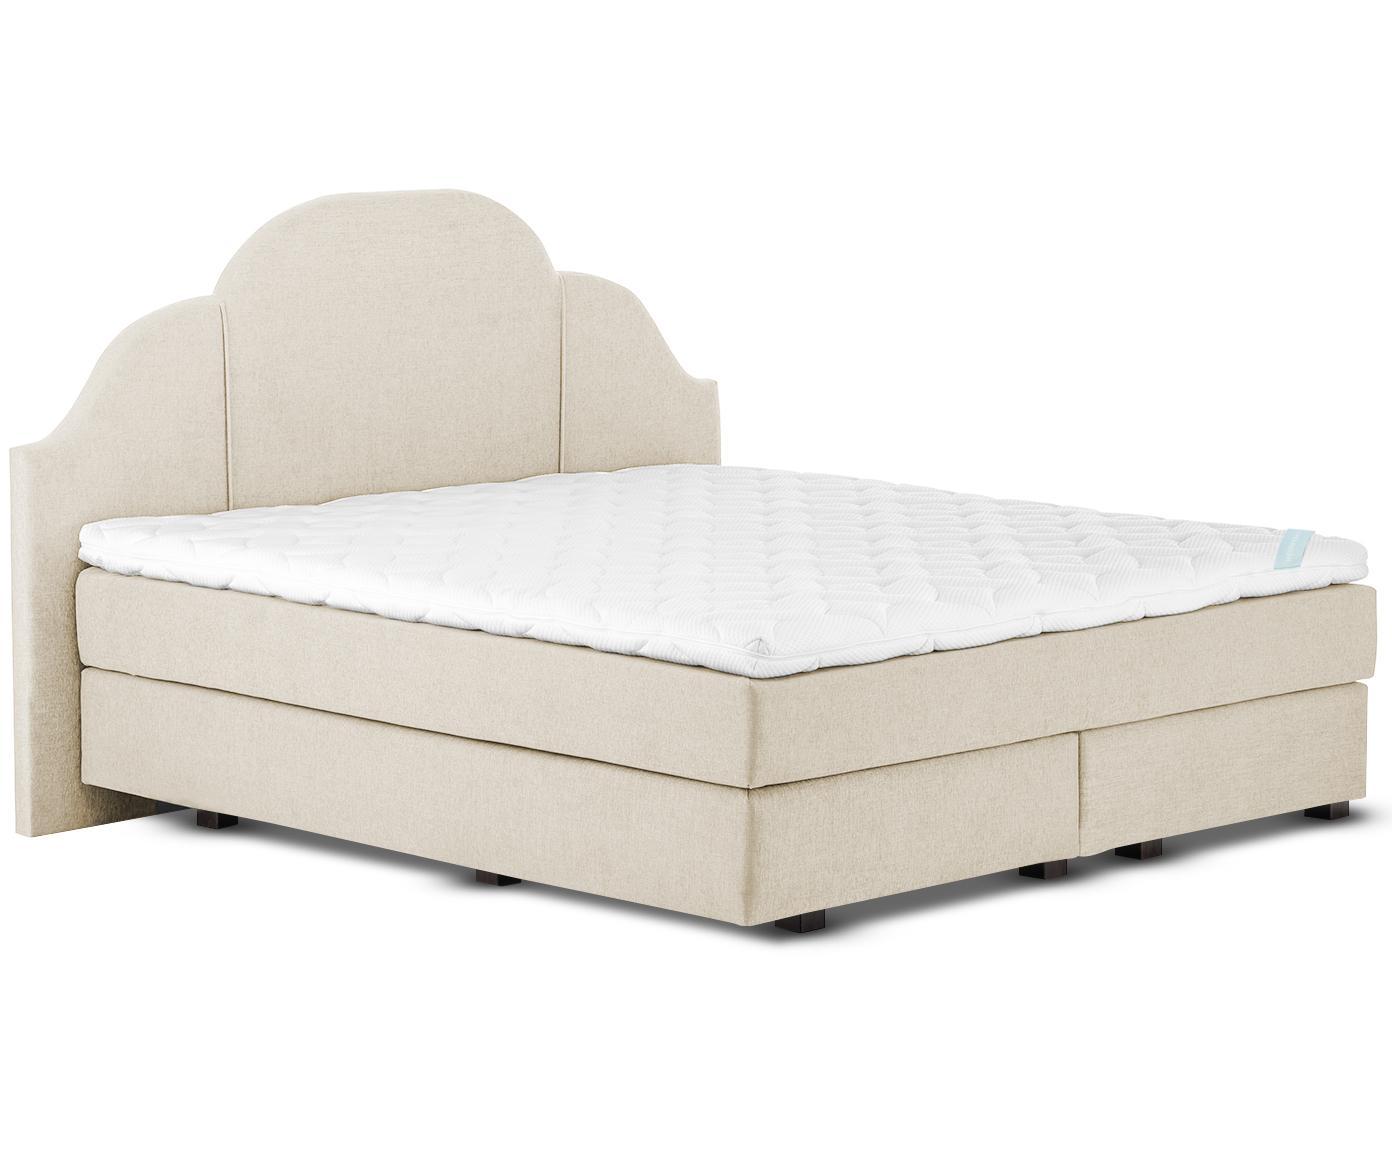 Łóżko kontynentalne premium Gloria, Nogi: lite drewno bukowe, lakie, Beżowy, 140 x 200 cm